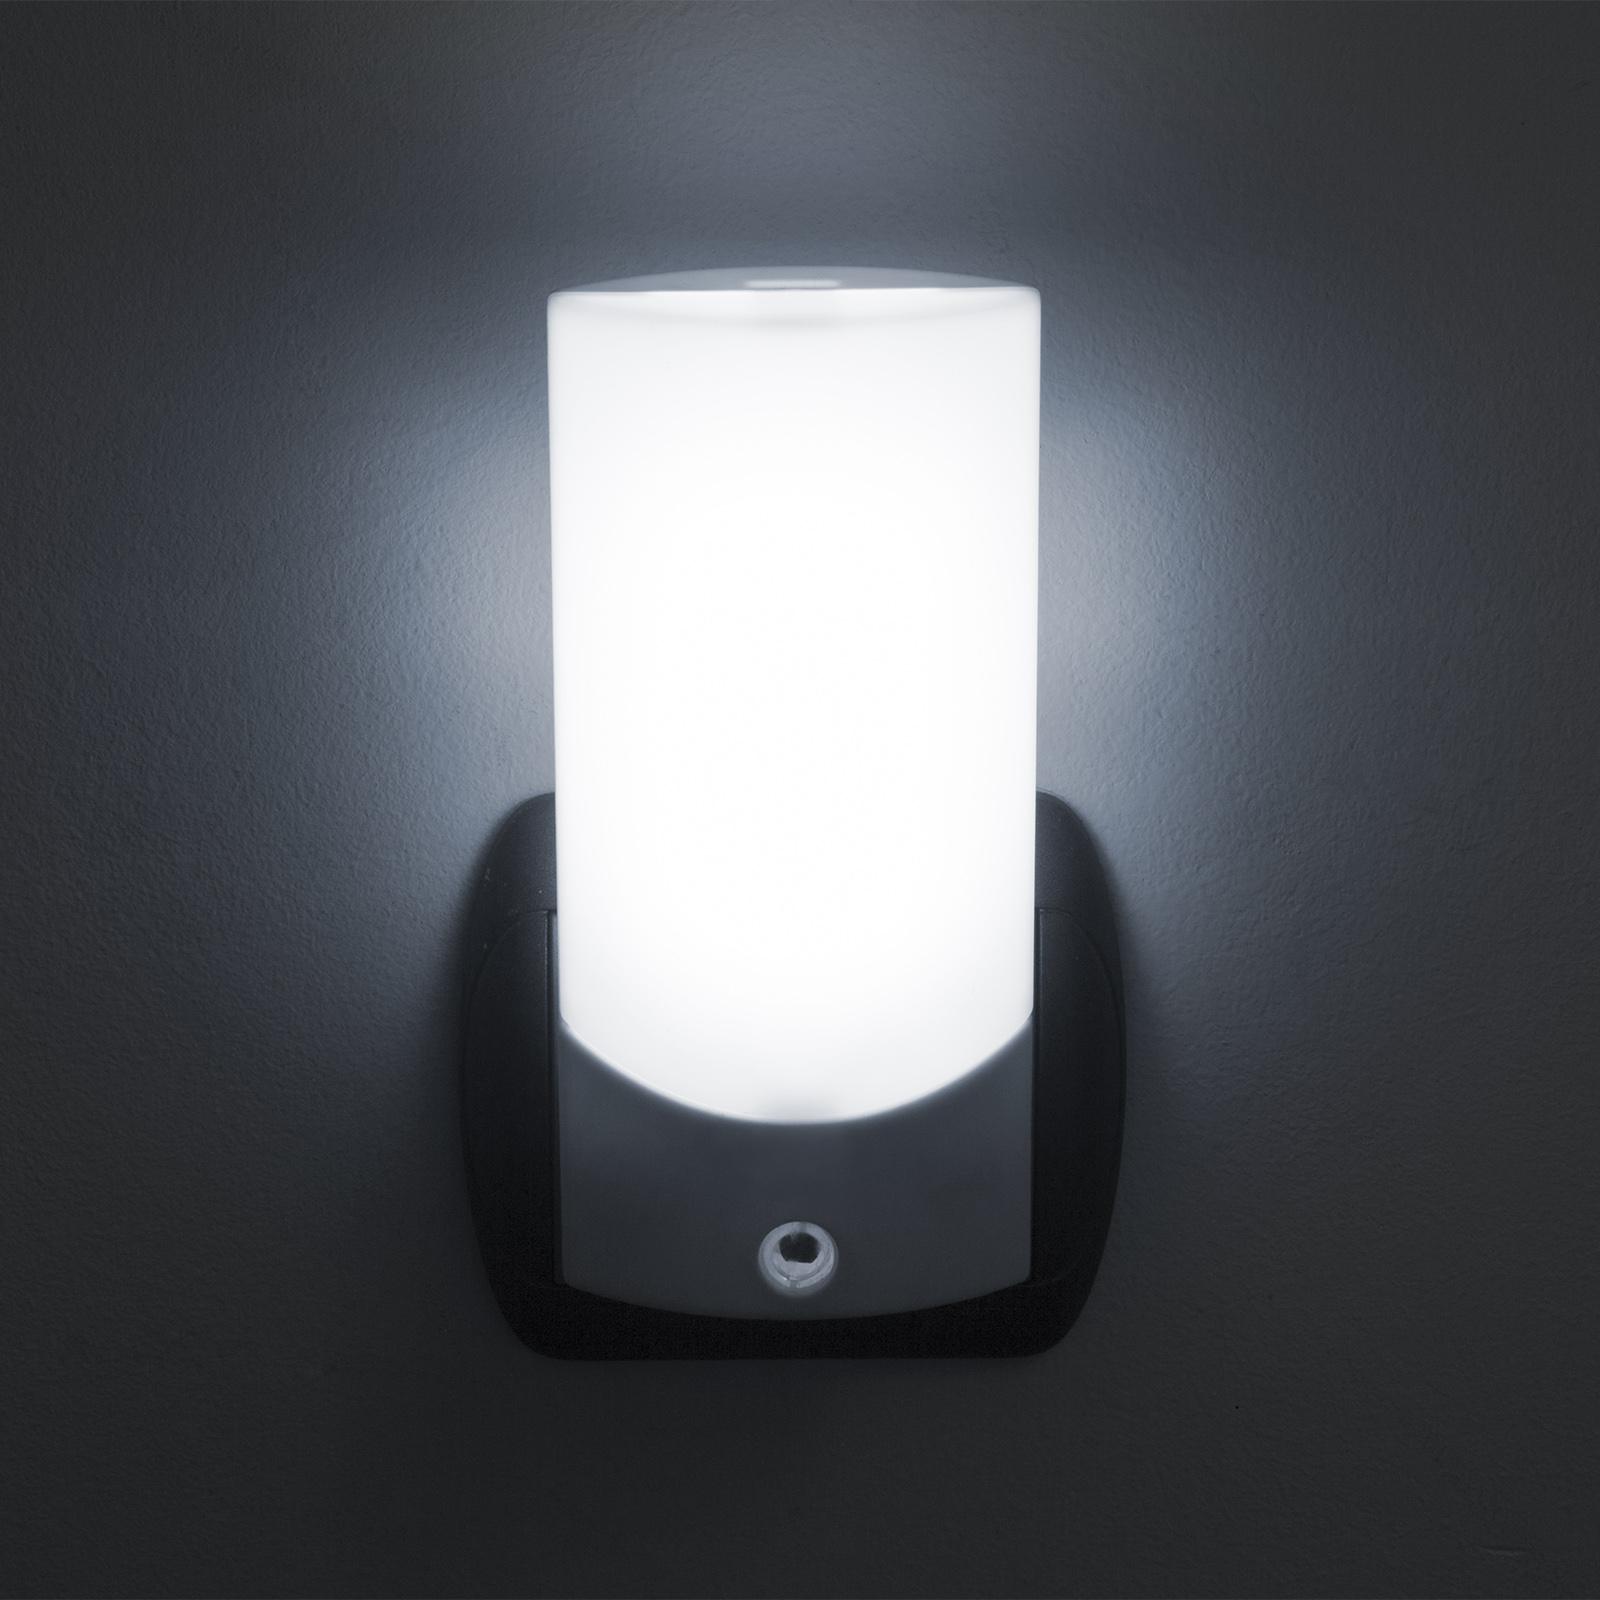 Diskrétní noční světlo se světelným senzorem, automatické sepnutí a vypnutí dle množství světla, velmi pěkný dekorativní design - Phenom 20253S